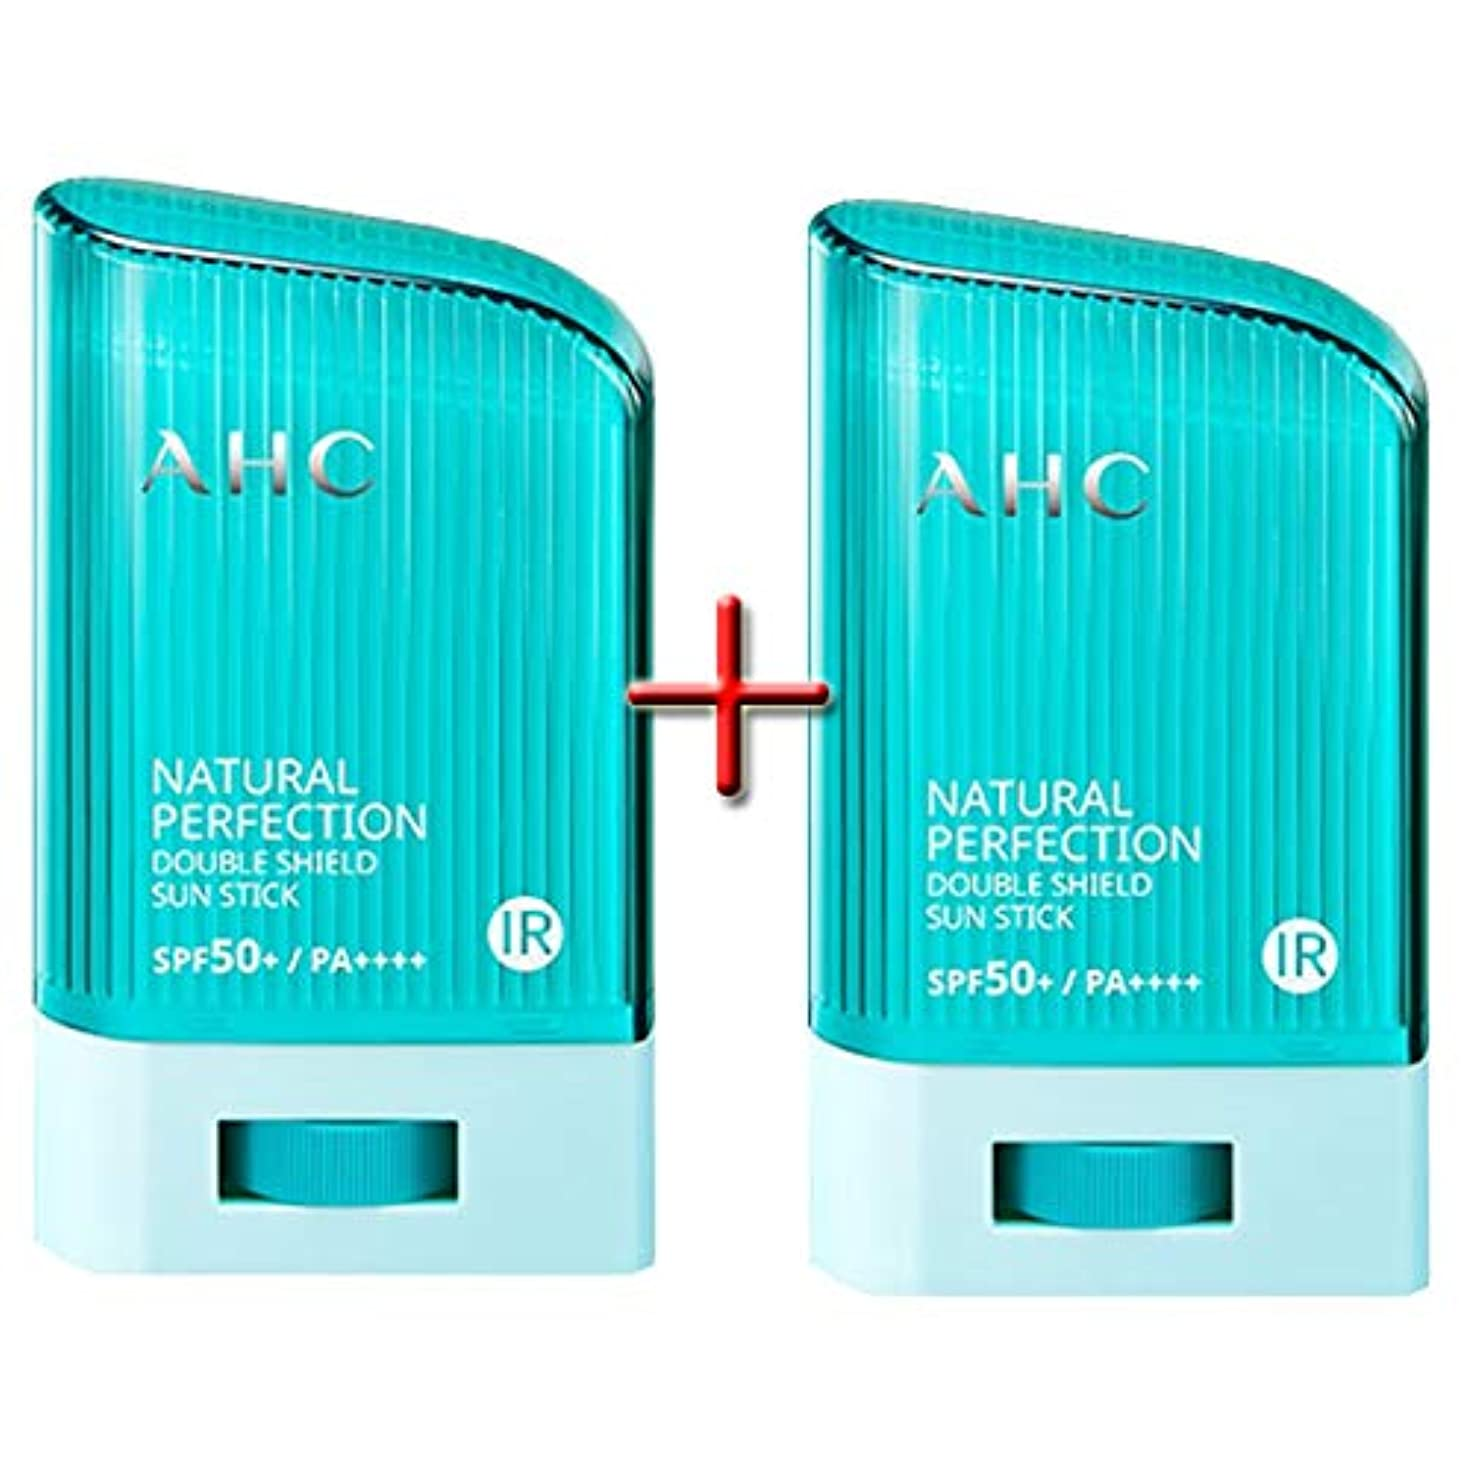 レジデンスパイント疲れた[ 1+1 ] AHC ナチュラルパーフェクションダブルシールドサンスティック 22g, Natural Perfection Double Shield Sun Stick SPF50+ PA++++